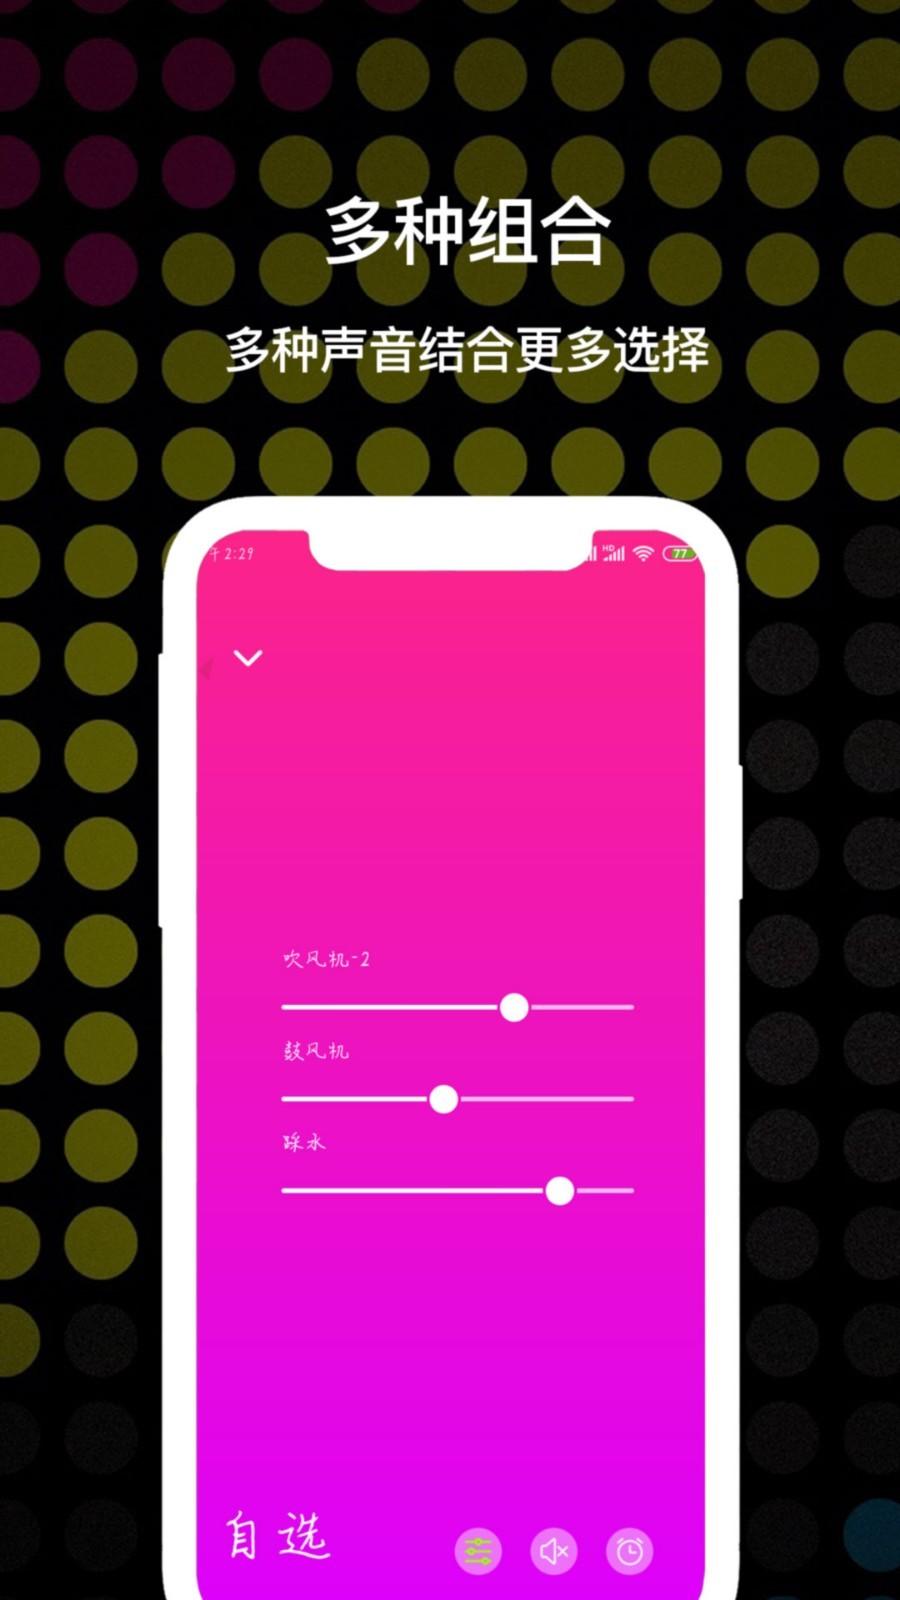 睡眠白噪音 V1.2 安卓版截图2